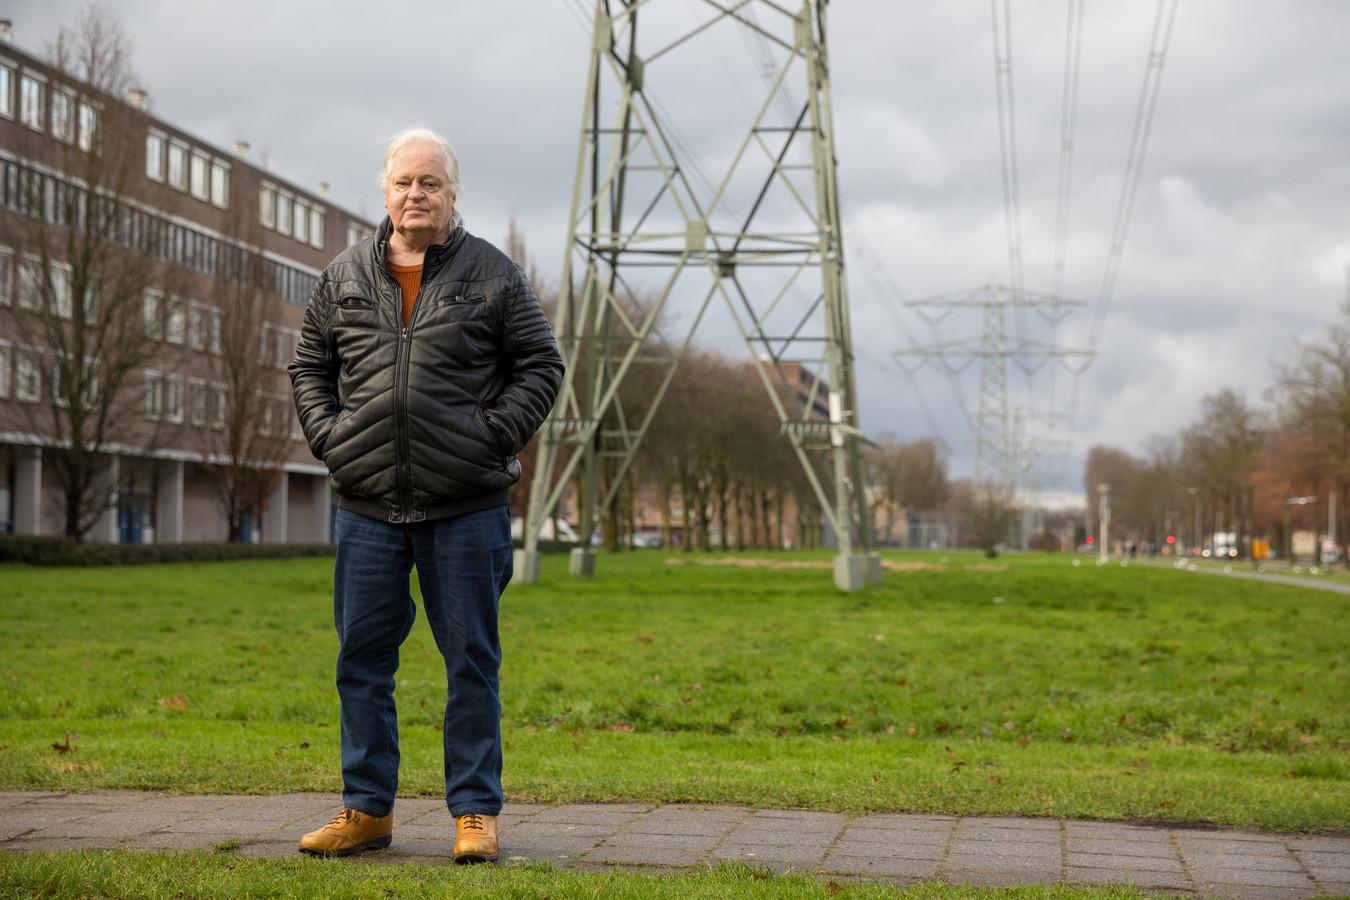 Auteur Sjoerd Punter op de plek waar hij inspiratie opdeed voor zijn debuutroman 'Ontspoord': de Bisschop Bekkerslaan in Eindhoven.